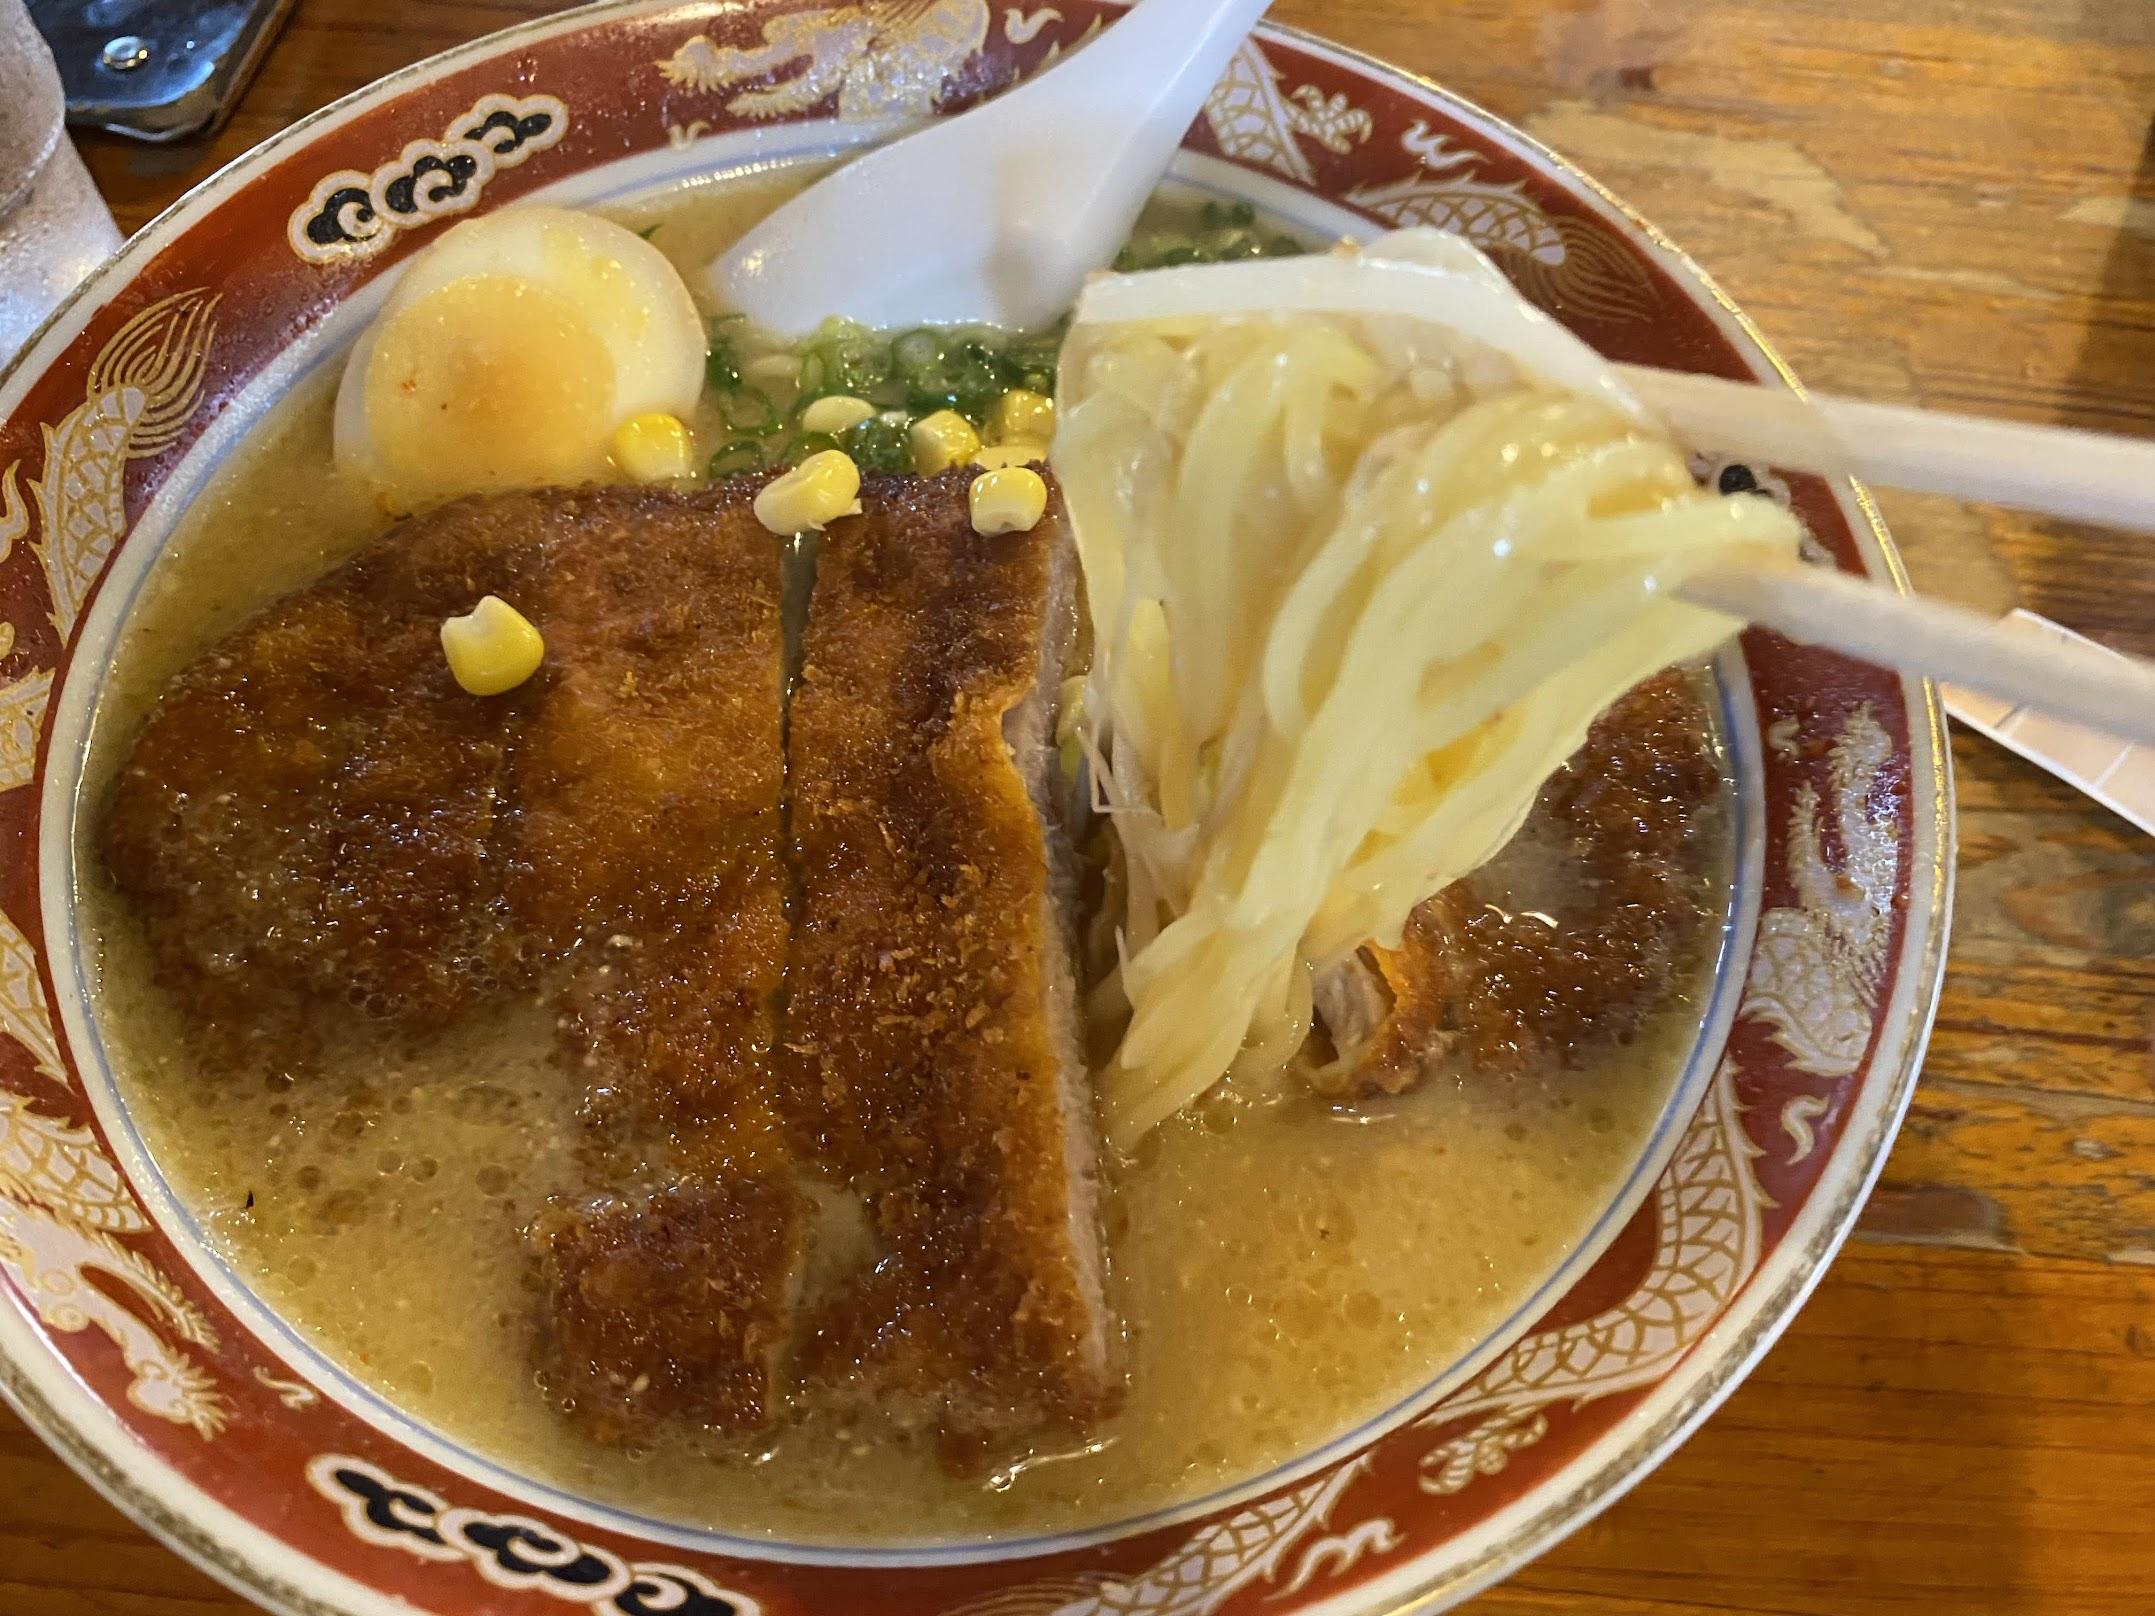 自由軒大津店味噌カツラーメンストレート麺